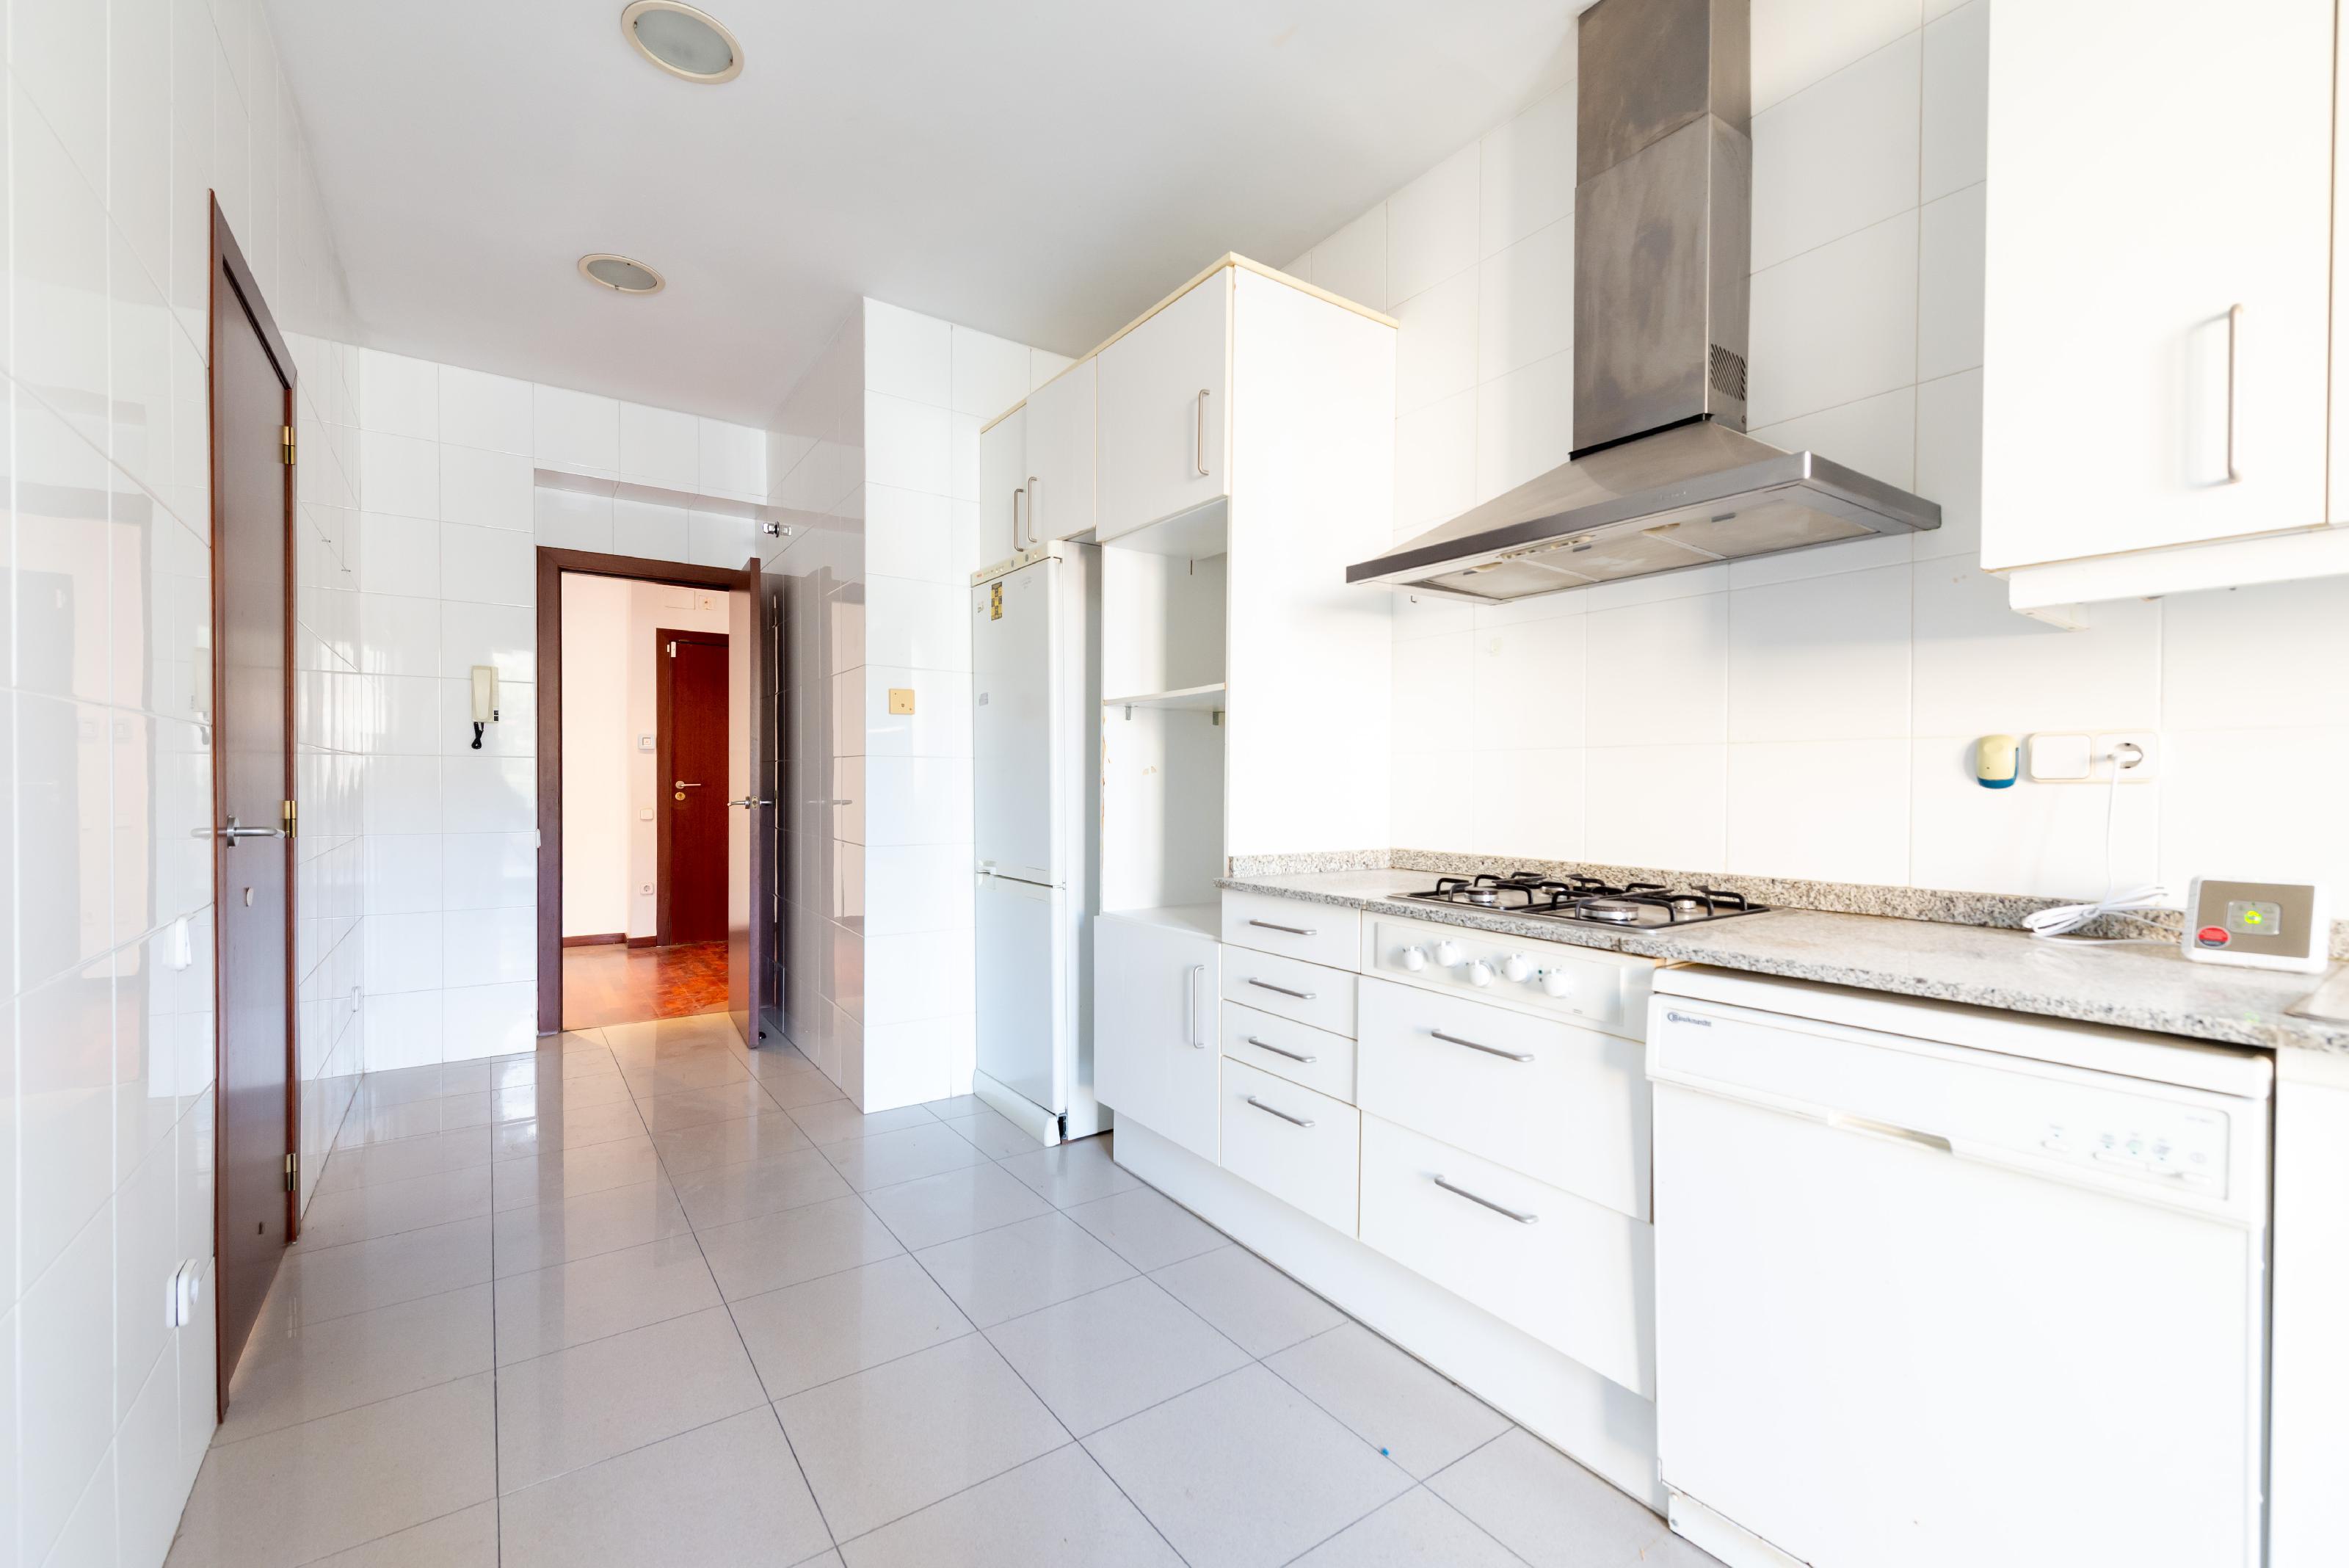 246020 Flat for sale in Sarrià-Sant Gervasi, Sarrià 9